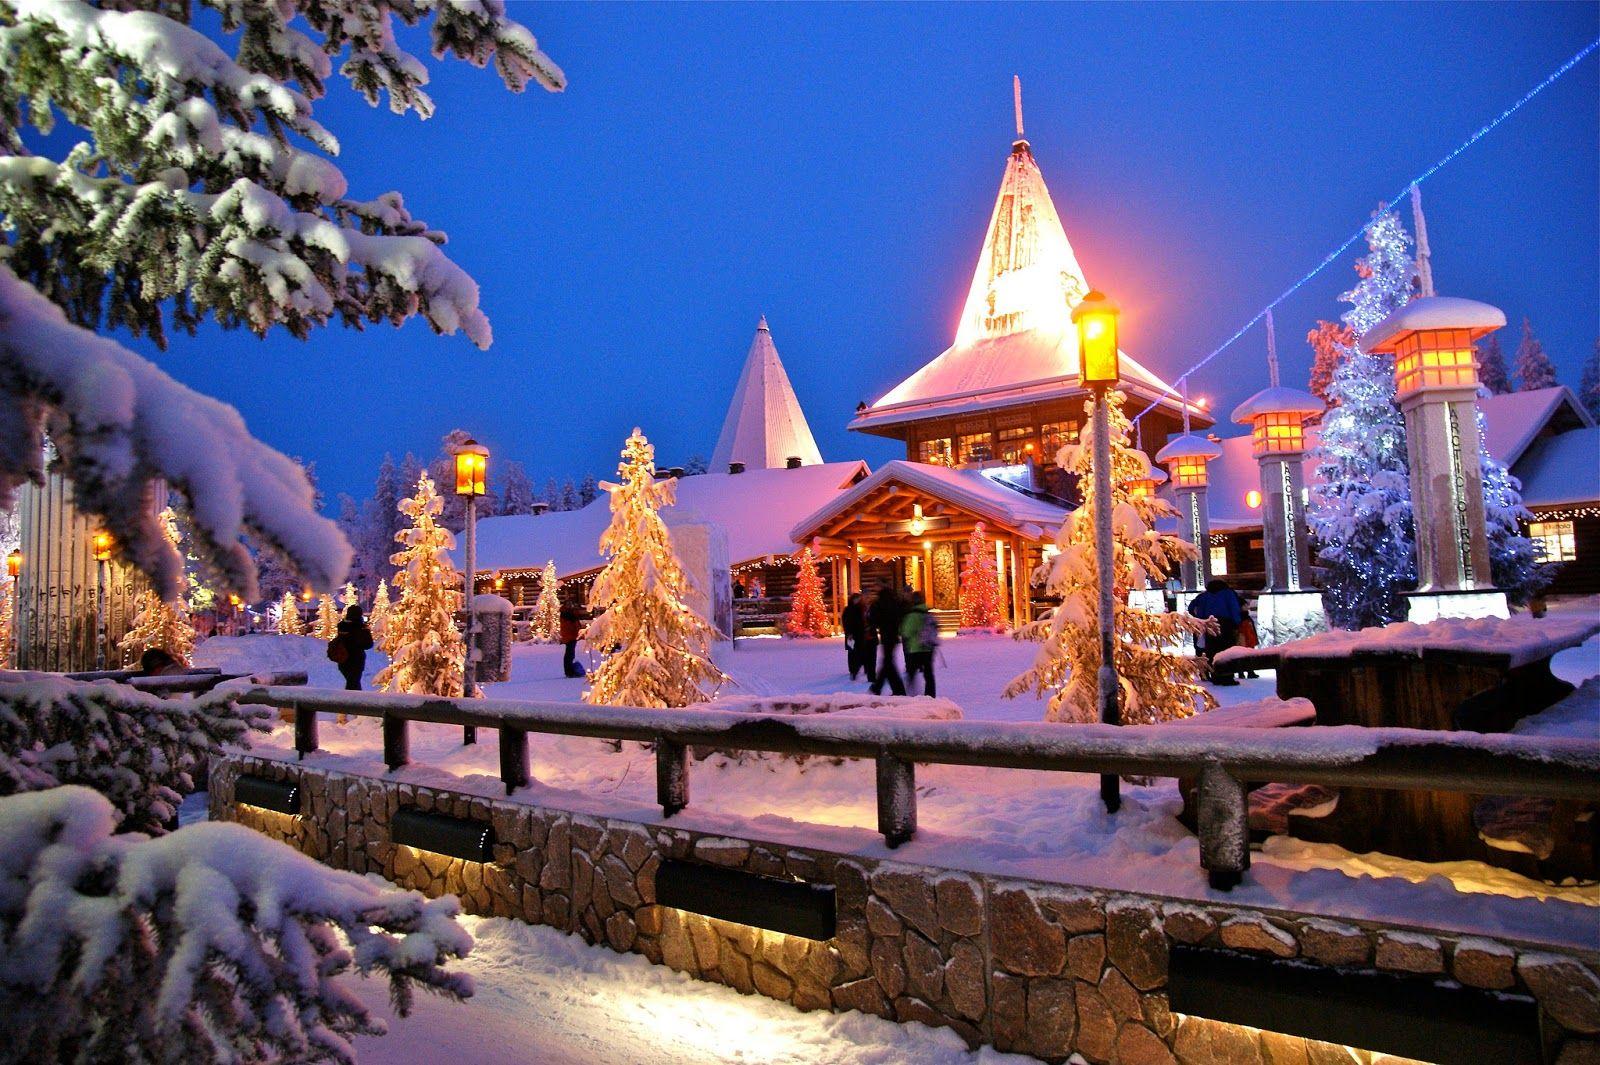 Casinha colorida: Se me chamar, eu vou: Rovaniemi (Vila do Papai Noel), Finlândia